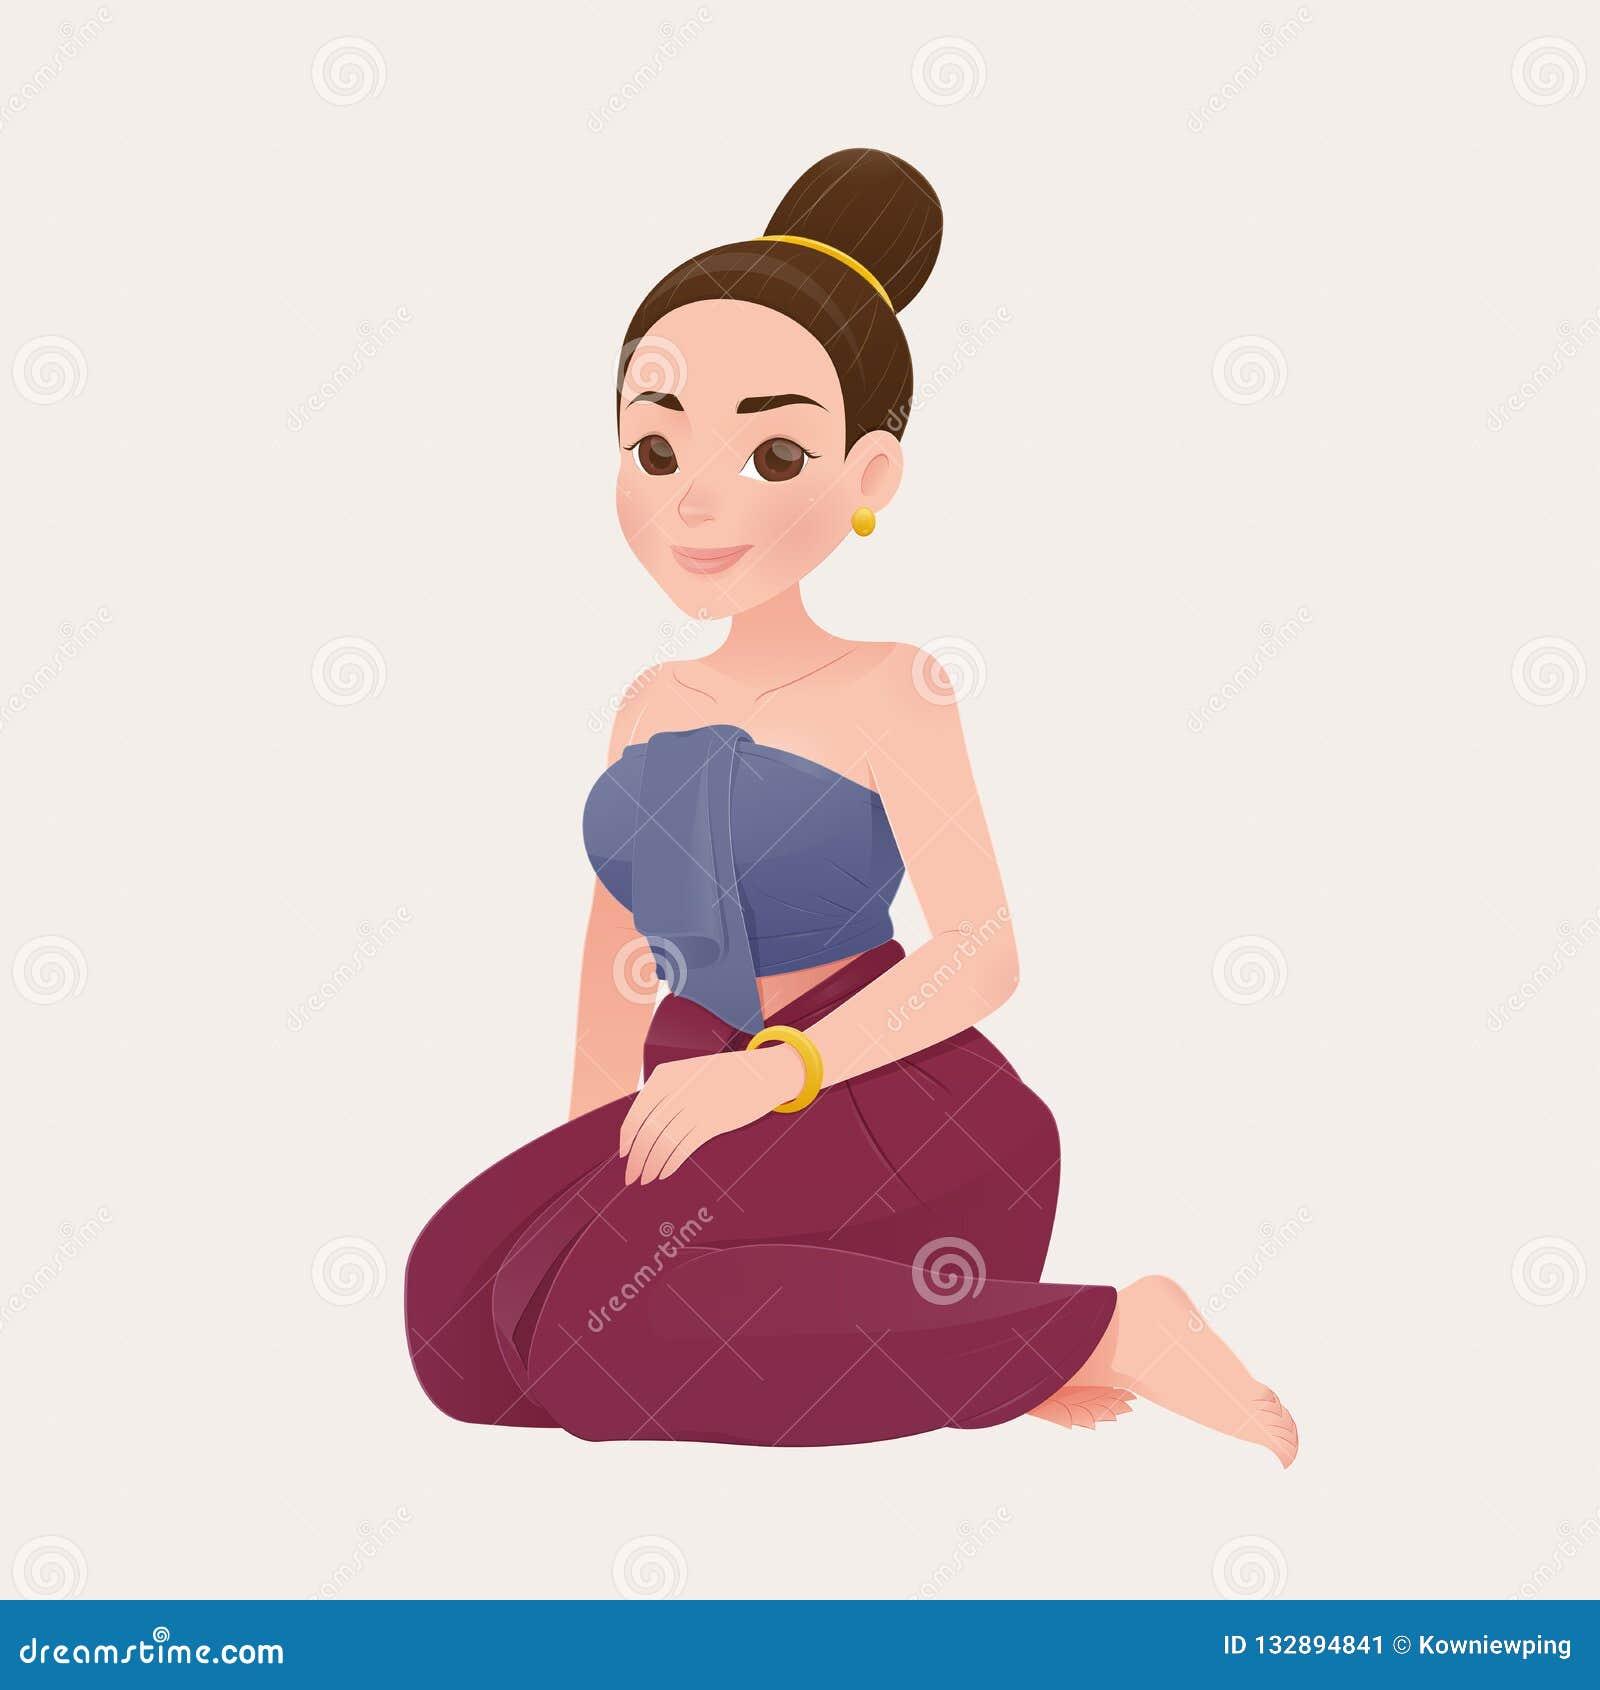 Ταϊλανδικές γυναίκες ή ταϊλανδικοί λαοί